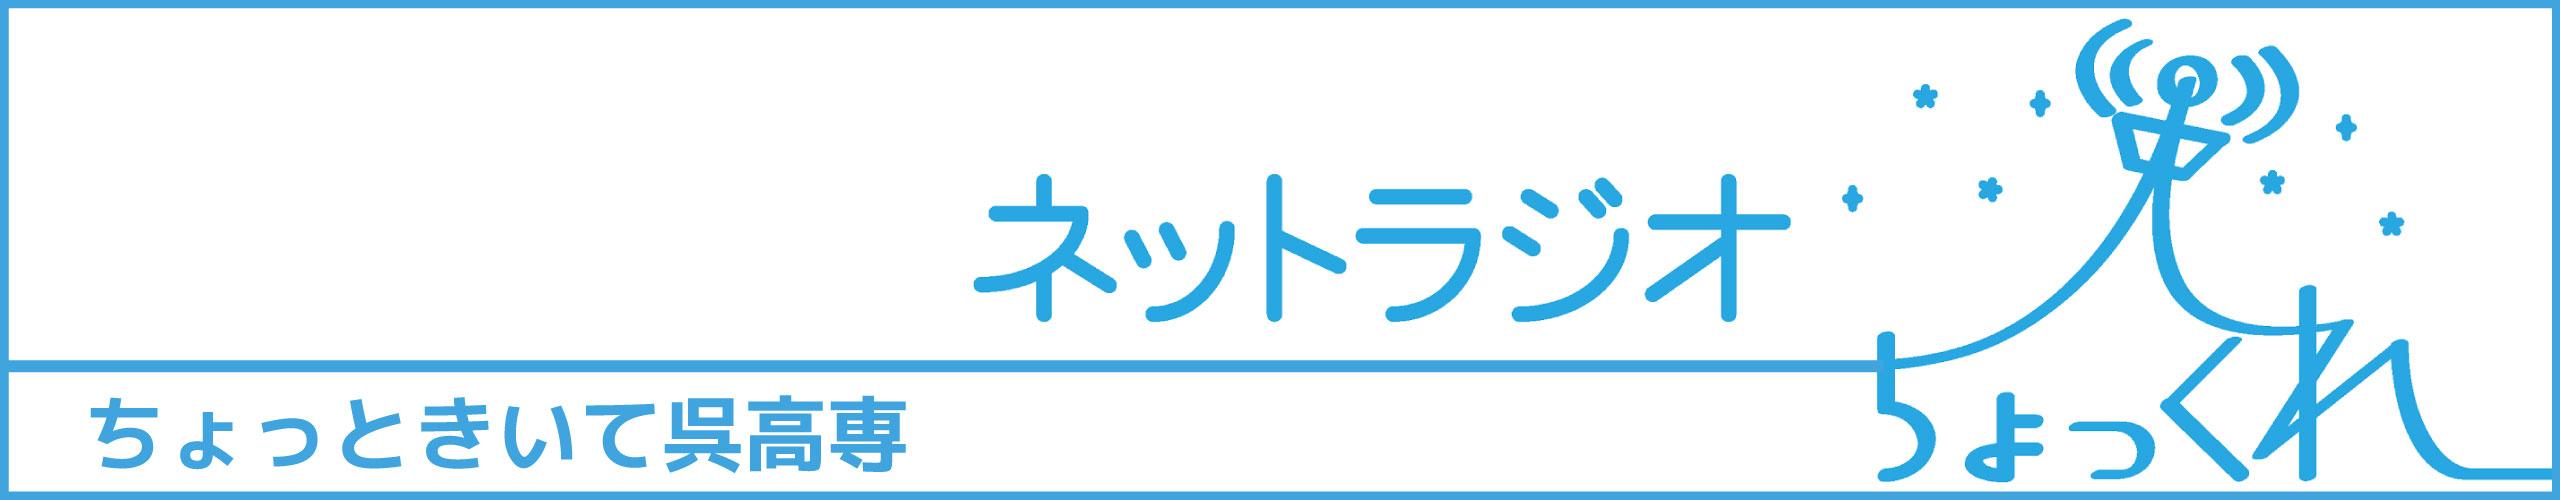 ちょっくれロゴ